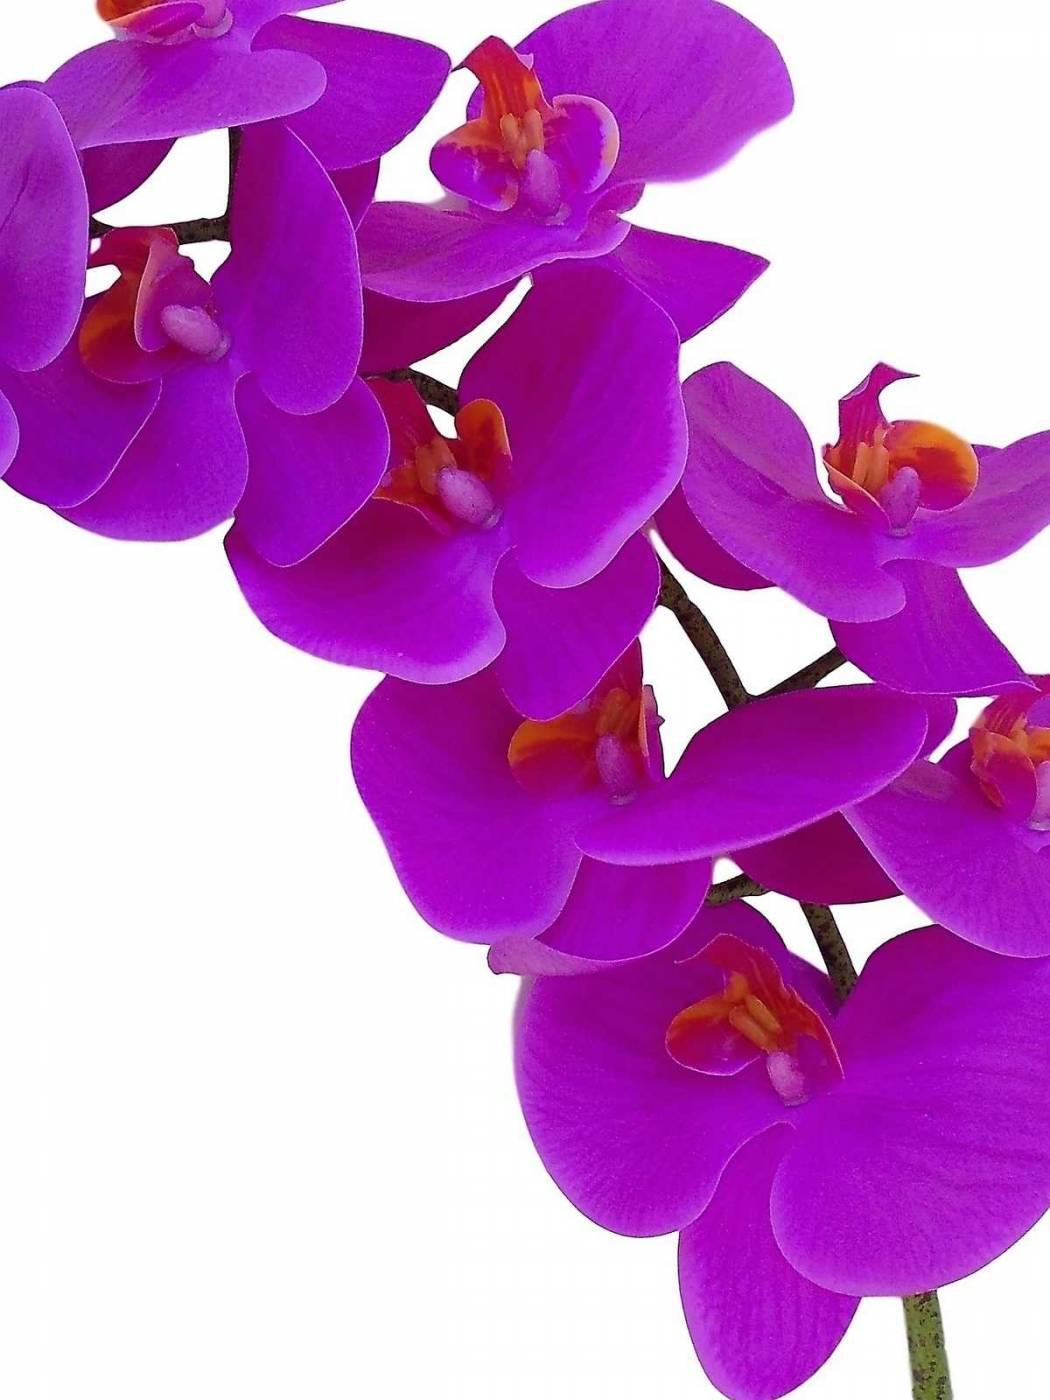 6 Orquídeas artificiais de silicone em promoção